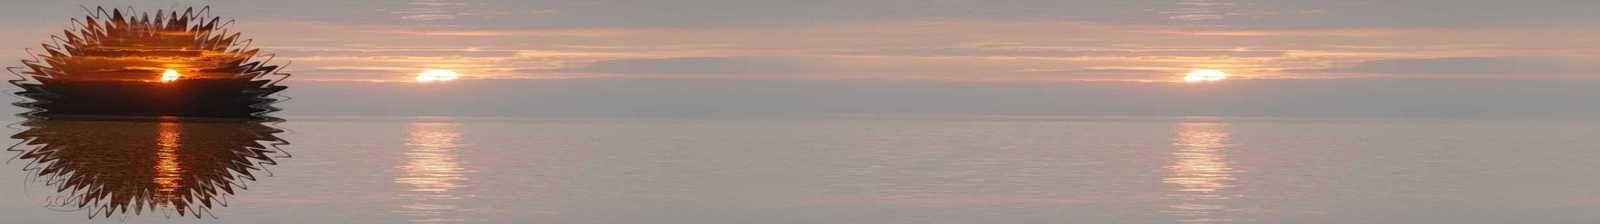 Coucher de soleil Leman Incredimail &amp&#x3B; outlook &amp&#x3B; A4 h l &amp&#x3B; enveloppe &amp&#x3B; 2 cartes A5 &amp&#x3B; signets 3 langues pays_coucher_de_soleil_sur_le_leman_montreux